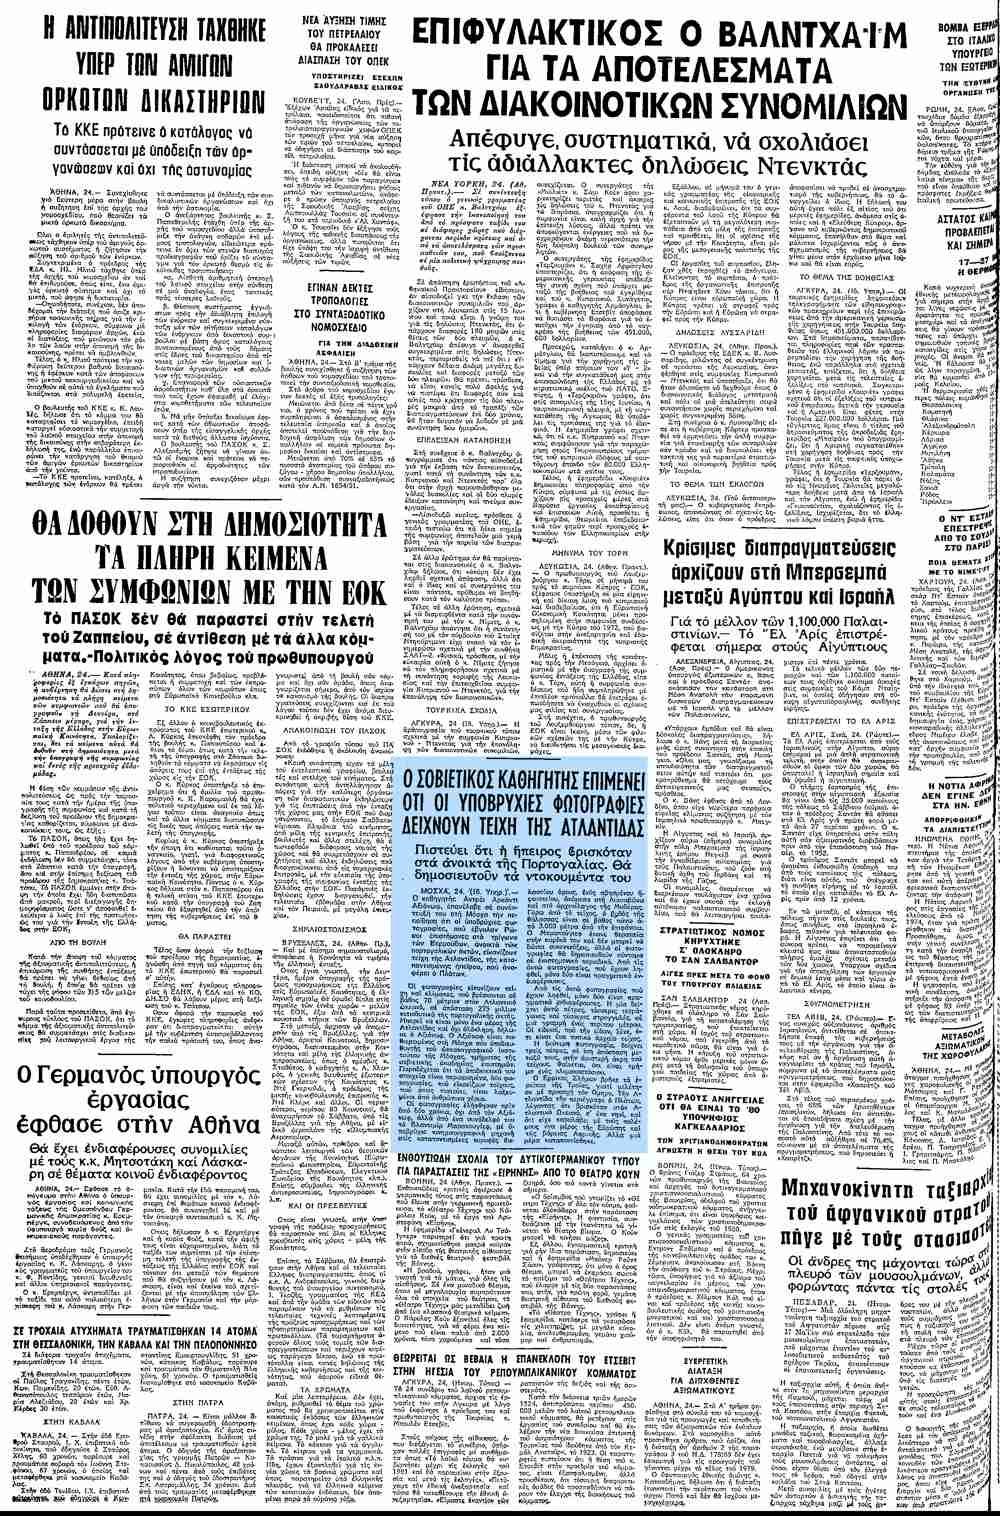 """Το άρθρο, όπως δημοσιεύθηκε στην εφημερίδα """"ΜΑΚΕΔΟΝΙΑ"""", στις 25/05/1979"""